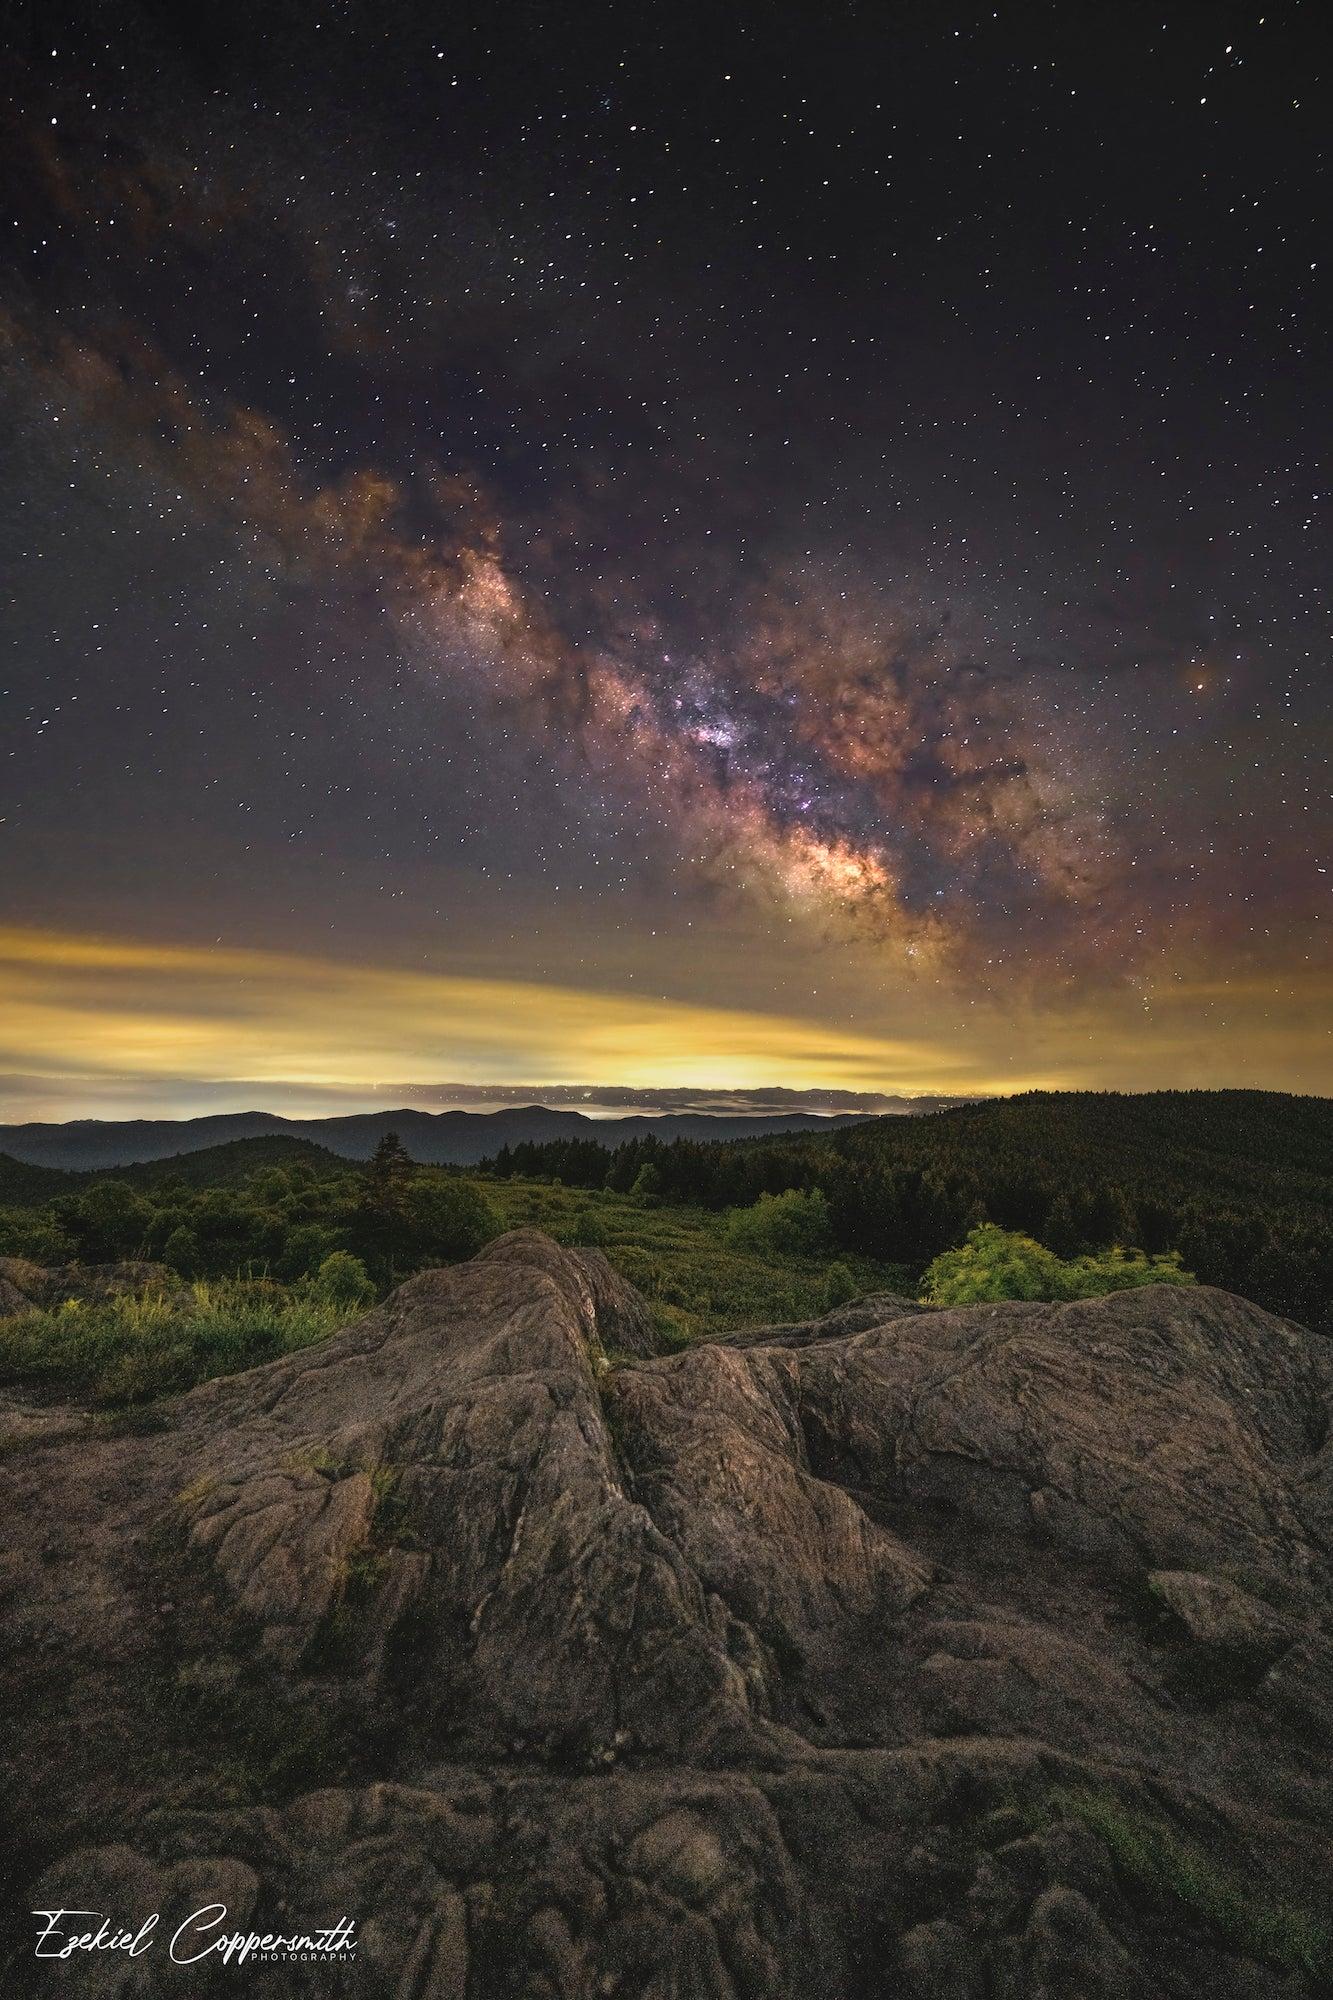 Alpha-Universe-WIMB-Ezekiel-Coppersmith-2.jpg